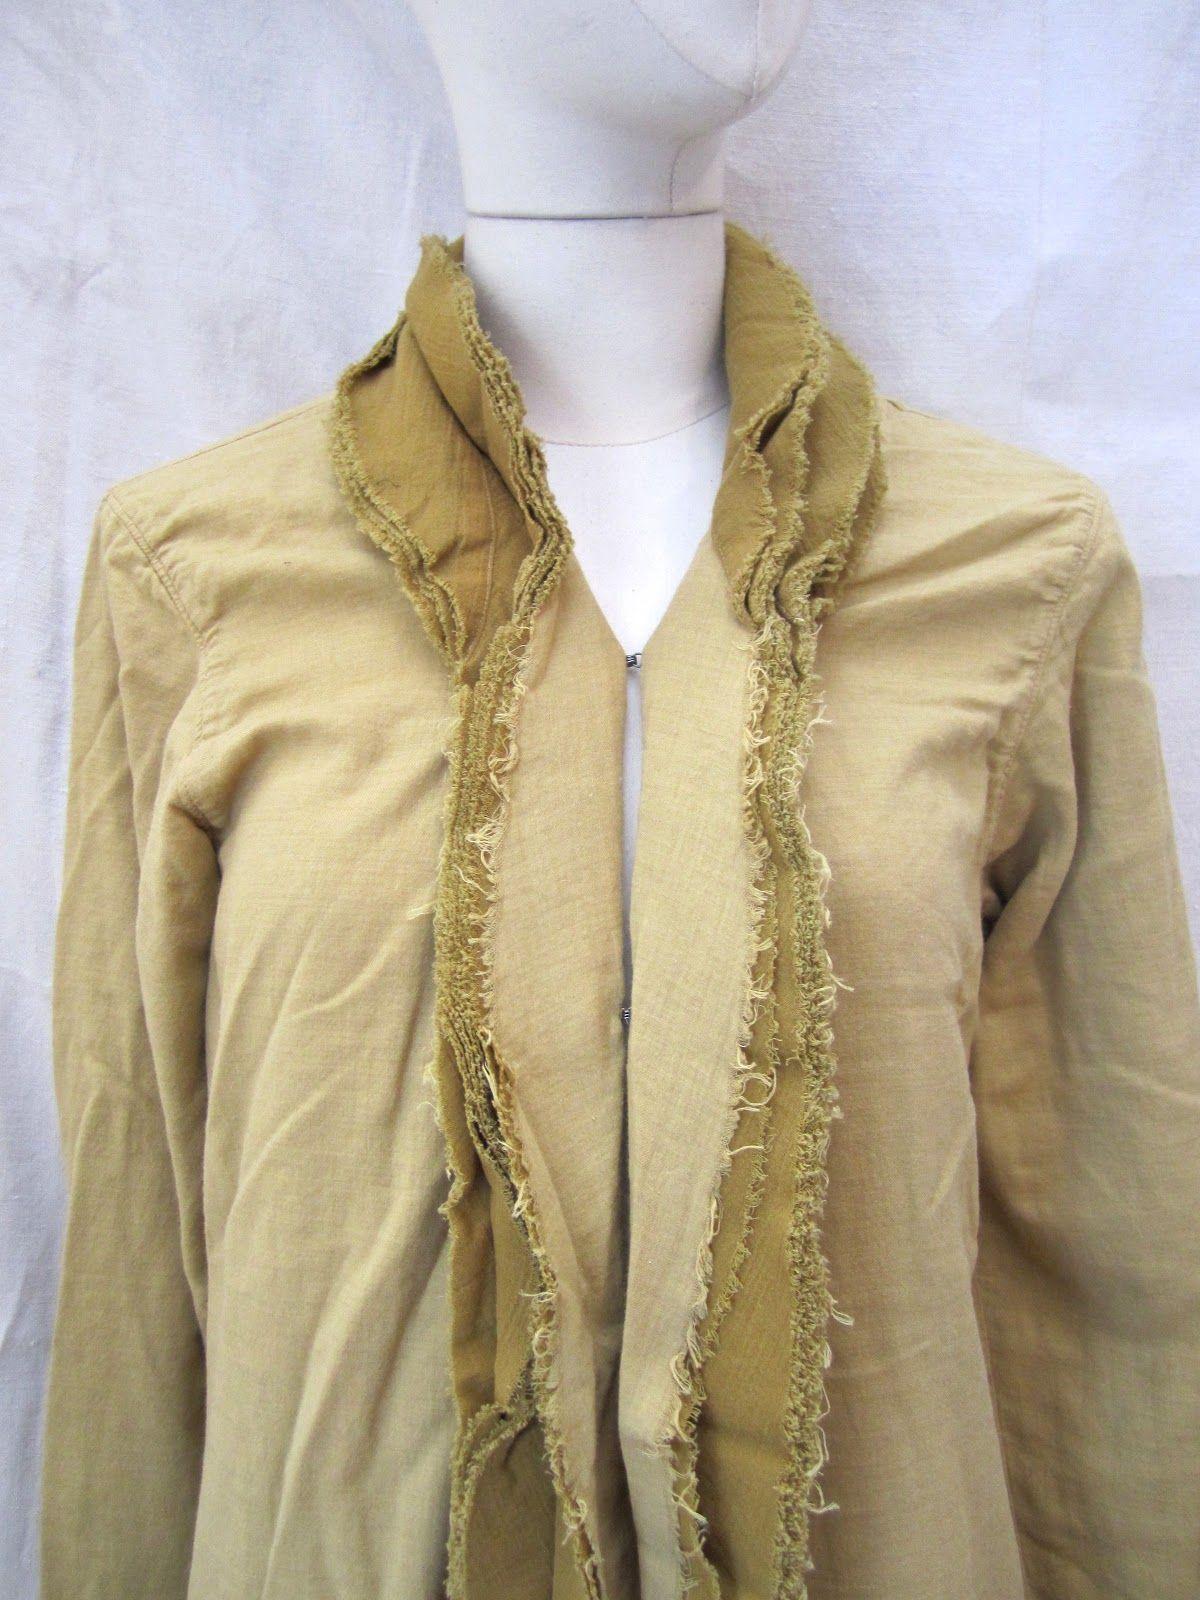 Vlas blomme coat dress cotton wool color sunflower